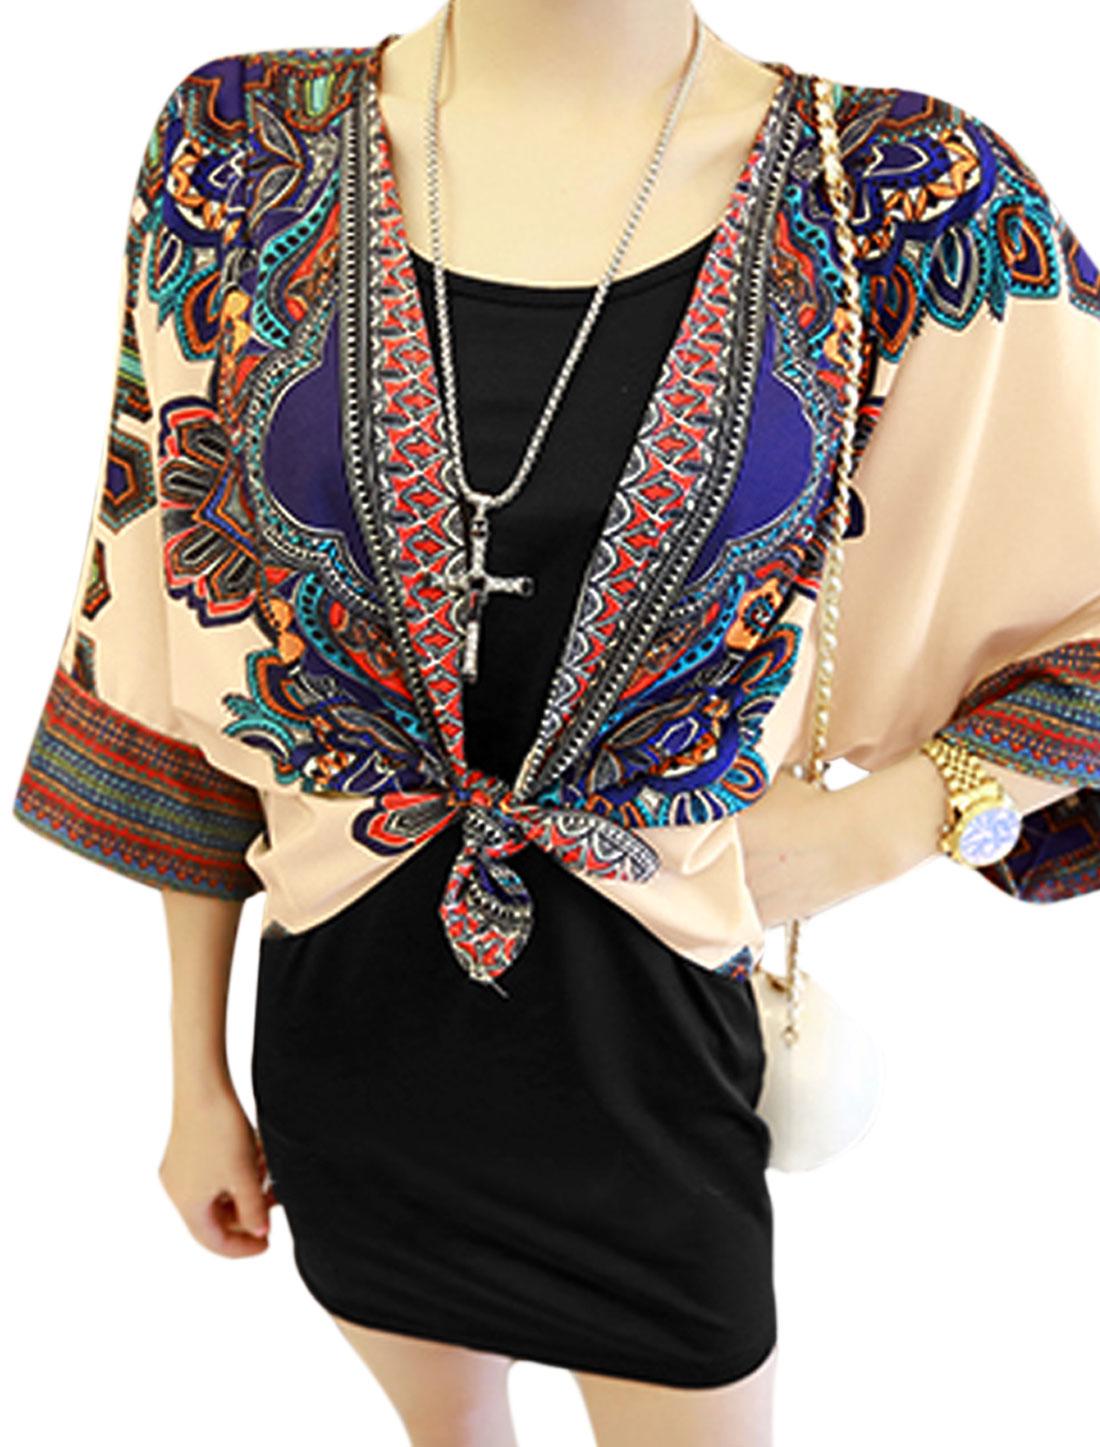 Woman Scoop Neck Tank Top w Geometrical Prints Kimono Black Beige XS